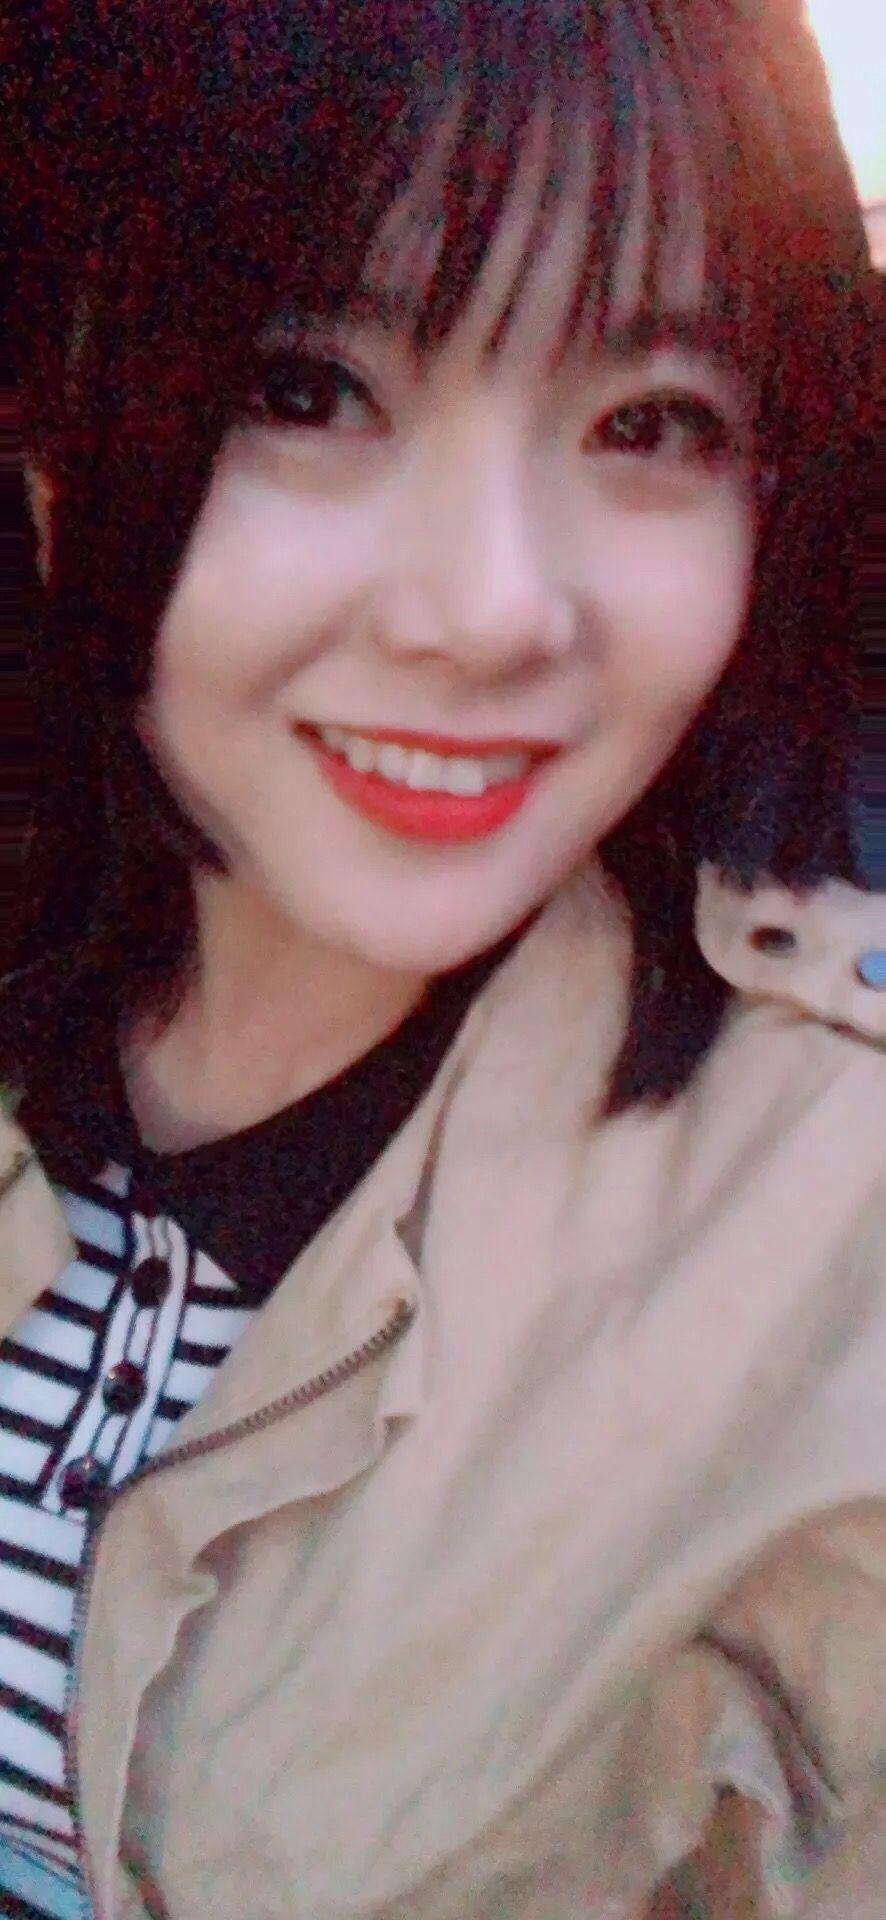 xiangaochao_g点注射